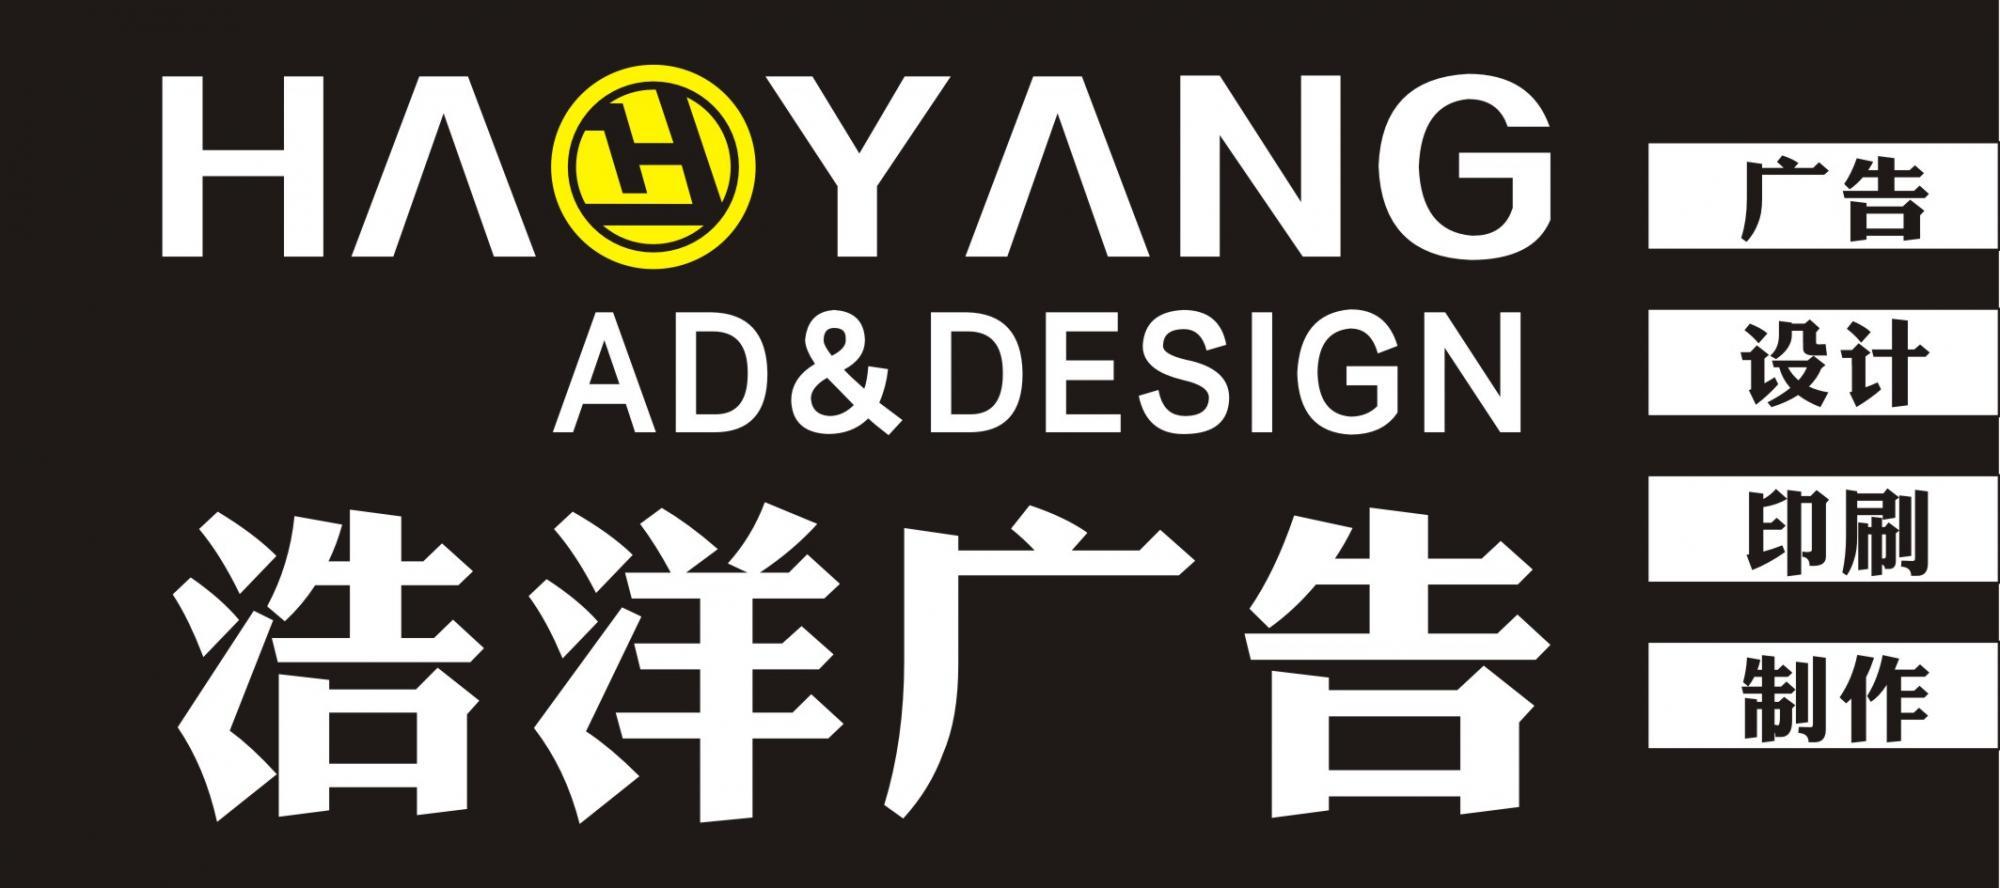 绍兴市袍江浩洋广告设计工作室